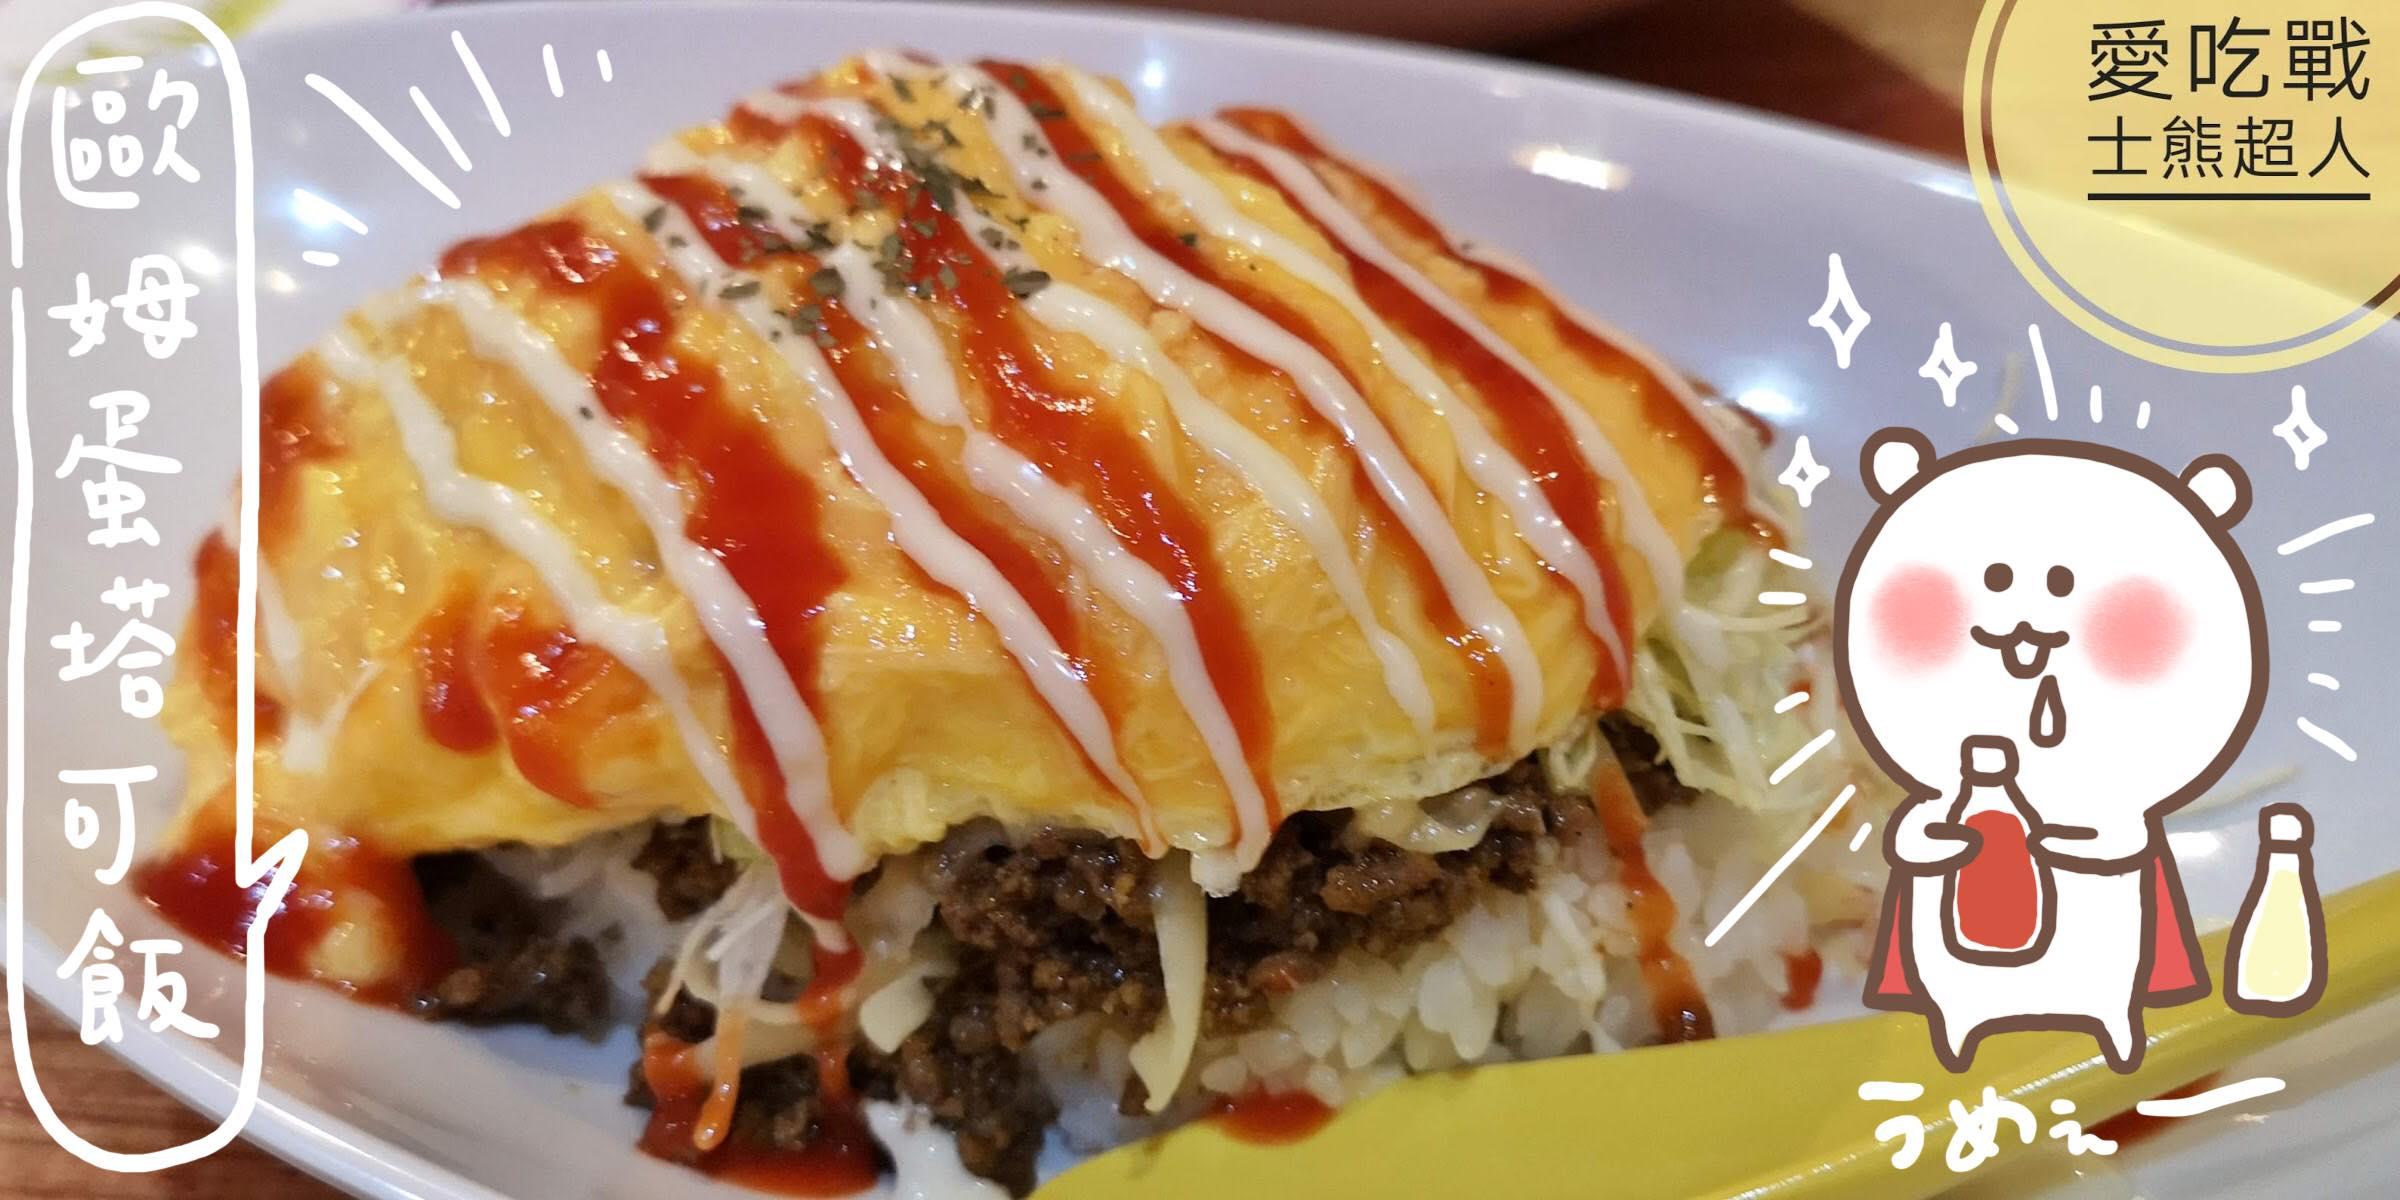 。沖繩 美國村。人氣美食taco rice cafe kijimuna塔可飯,加了歐姆蛋超對味(食尚玩家推薦!)